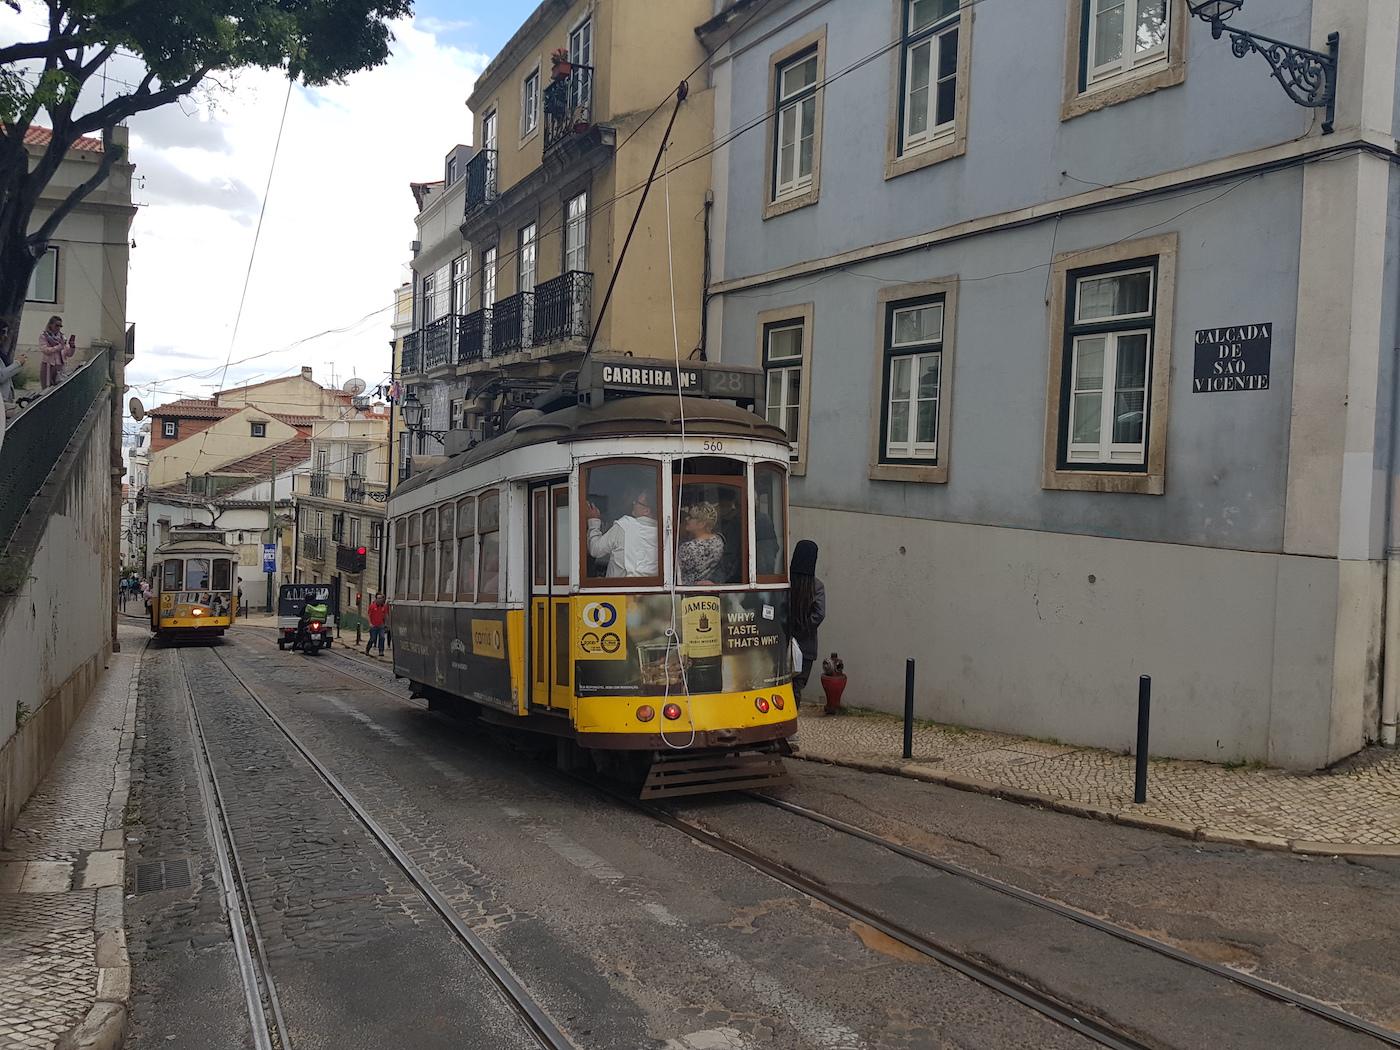 Trams in Lissabon highlights